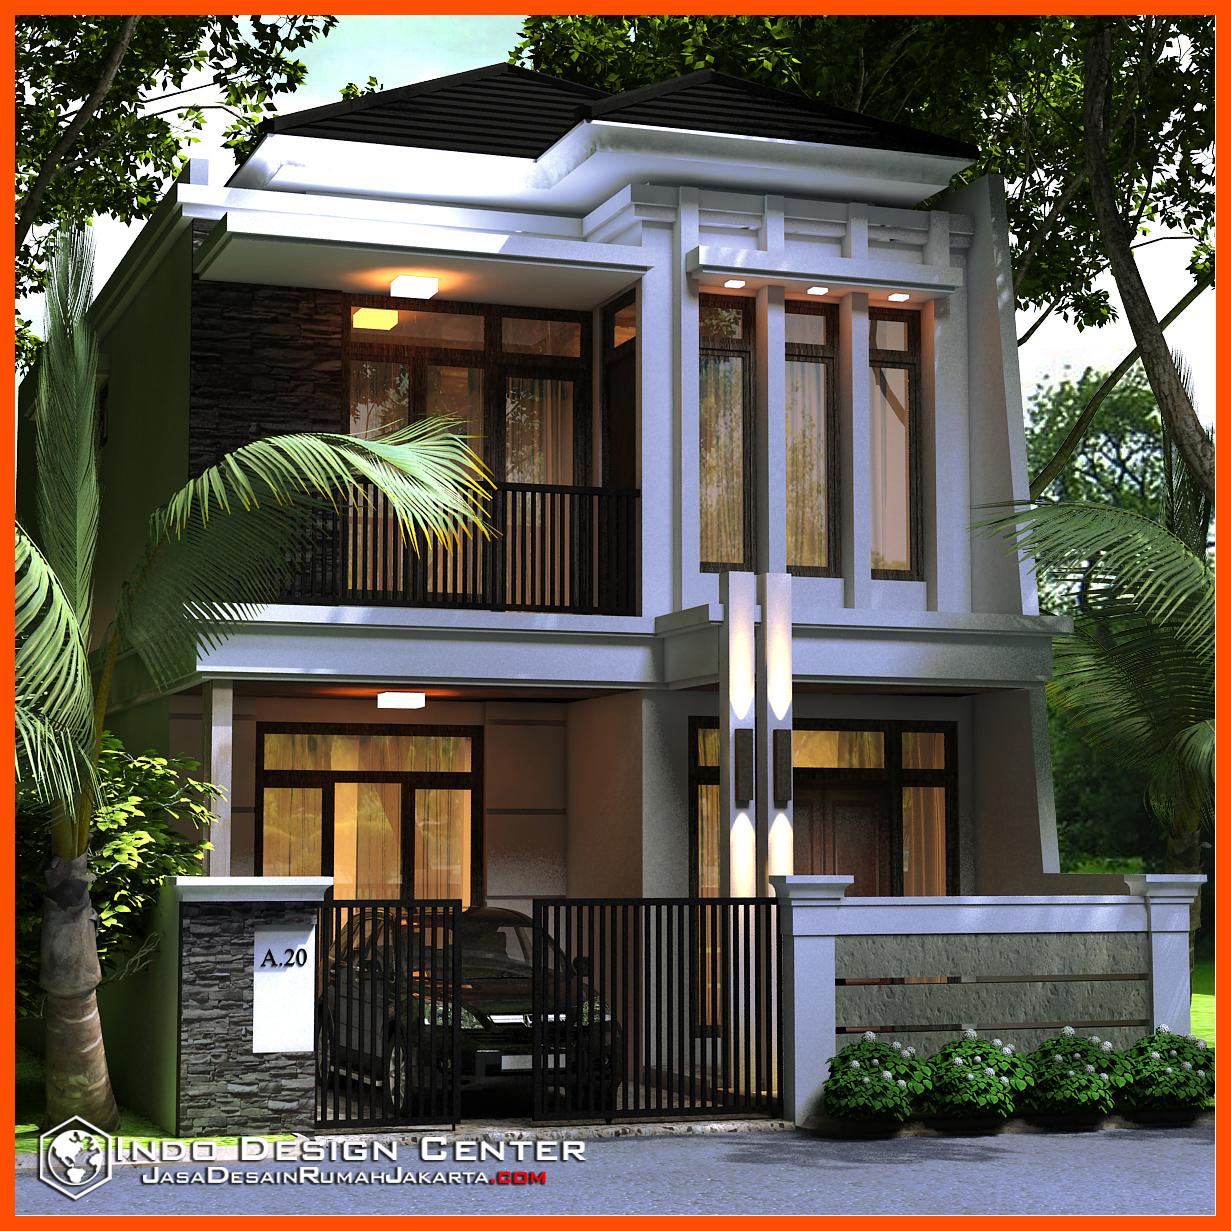 12 Desain Rumah Minimalis Modern 2 Lantai Mewah: Gambar Rumah Minimalis Di Jakarta, Jasa Desain Rumah